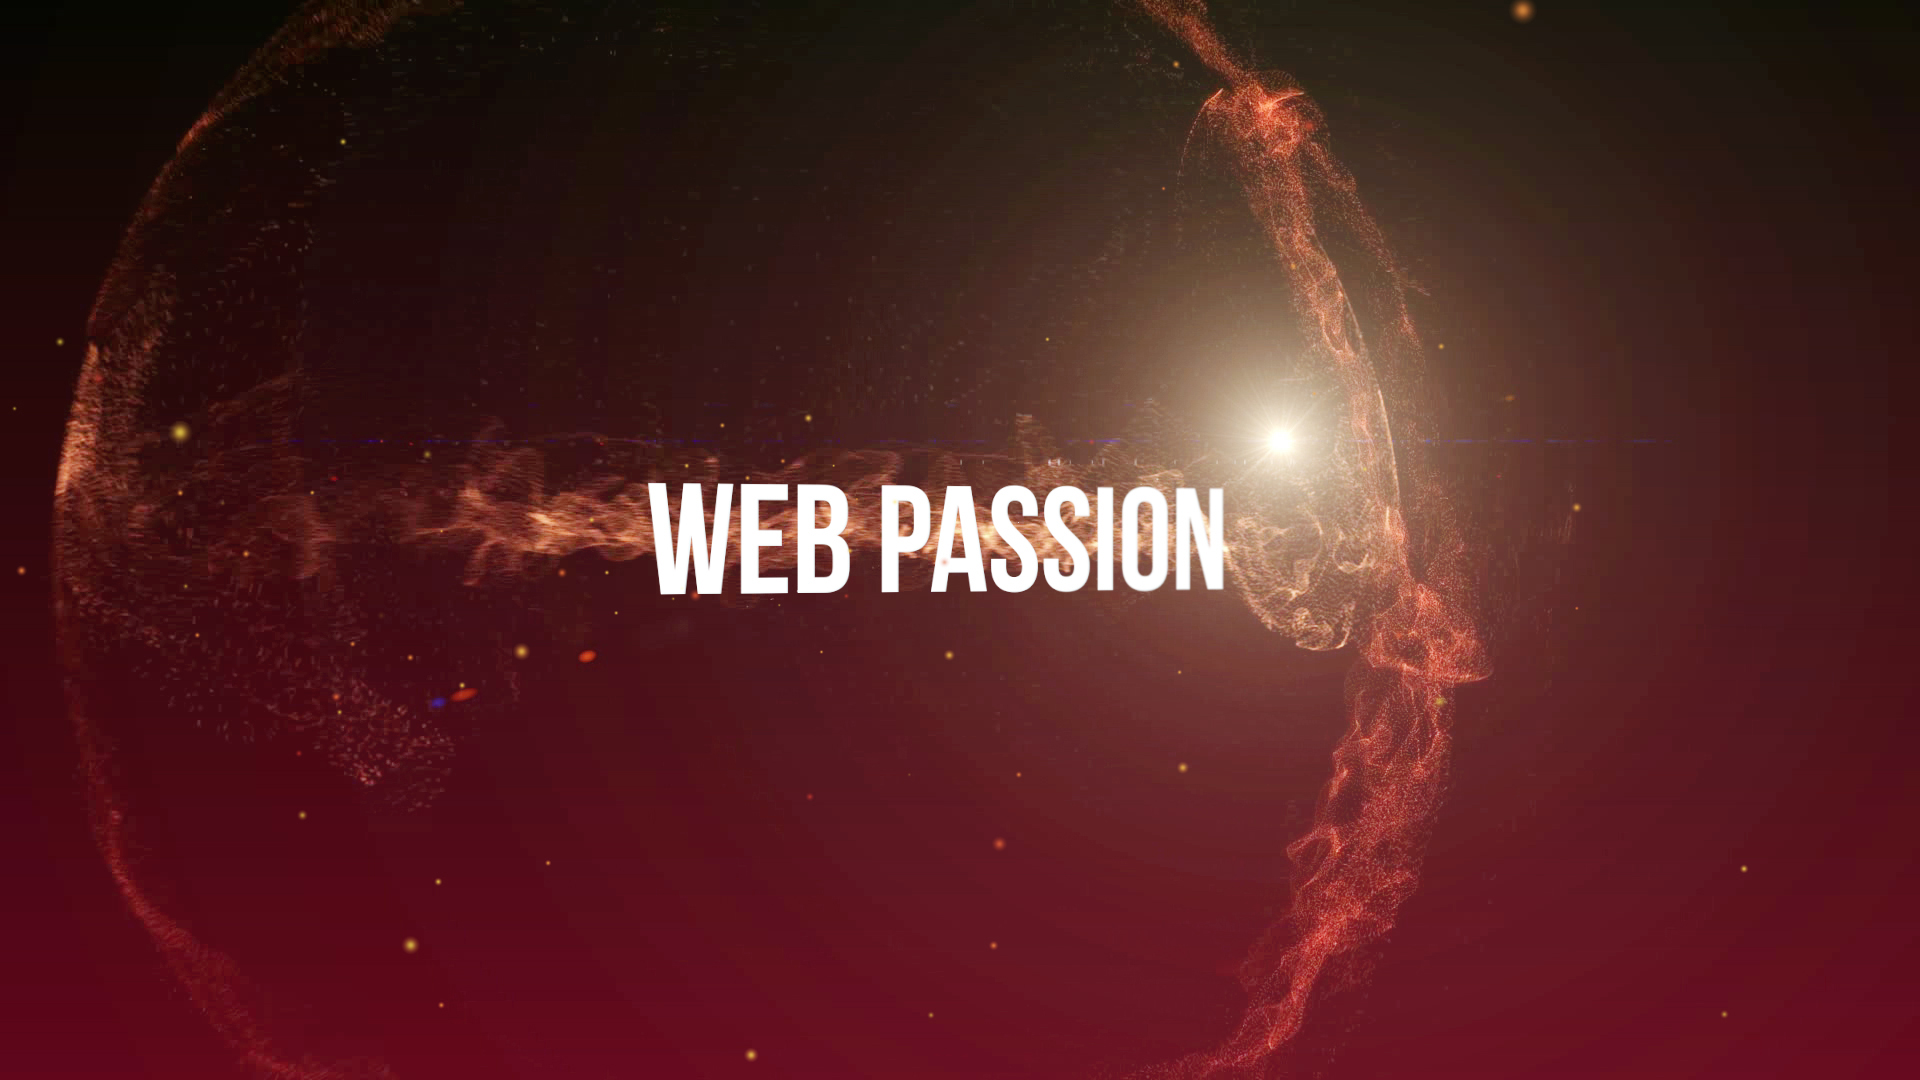 Заставка After Effects на тему веб дизайн №45346